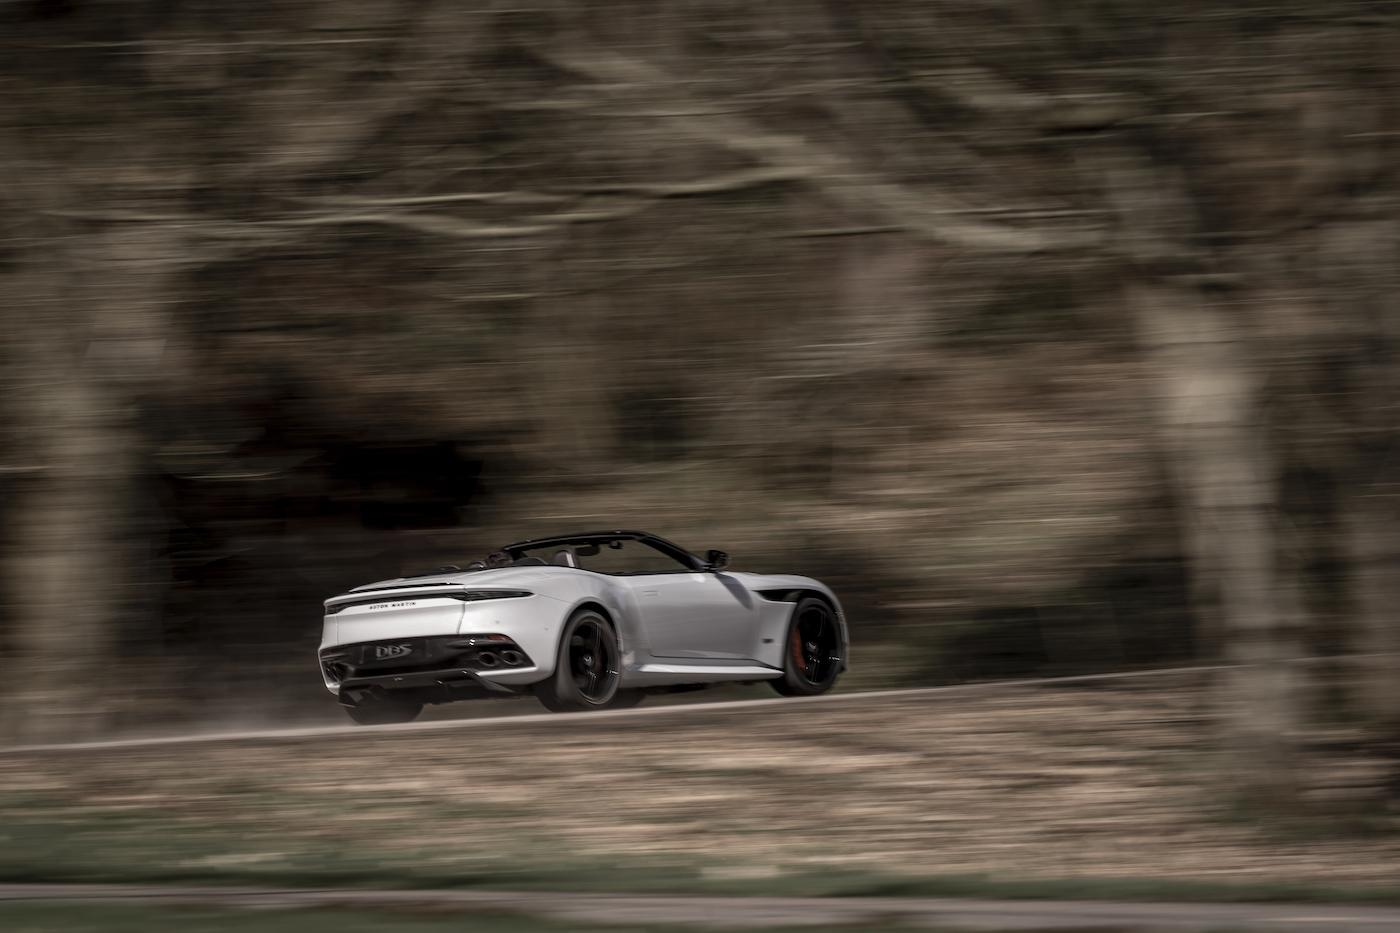 Aston Martin DBS Superleggera Volante: Ein Supersport-Cabrio mit 725 PS 8